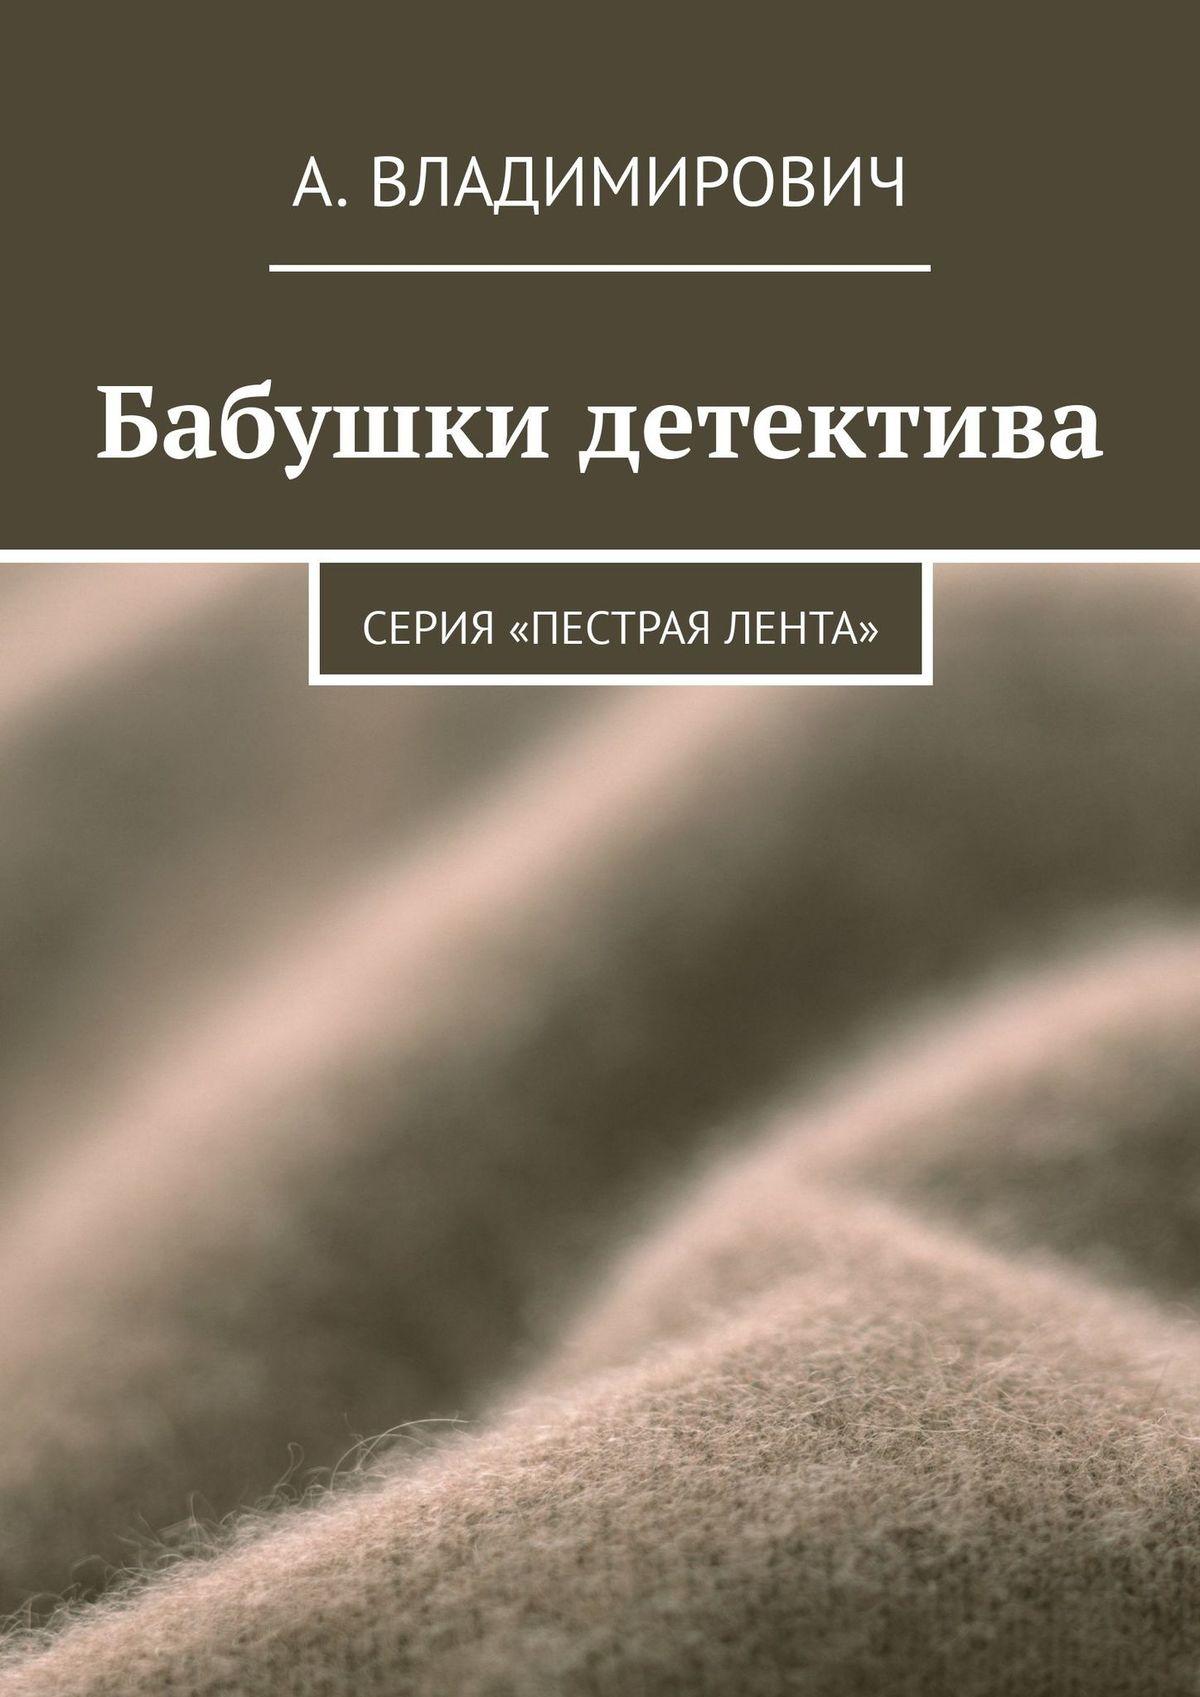 Алексей Владимирович Метта Виктория Фуллер Виктор. Серия «Пестрая лента»